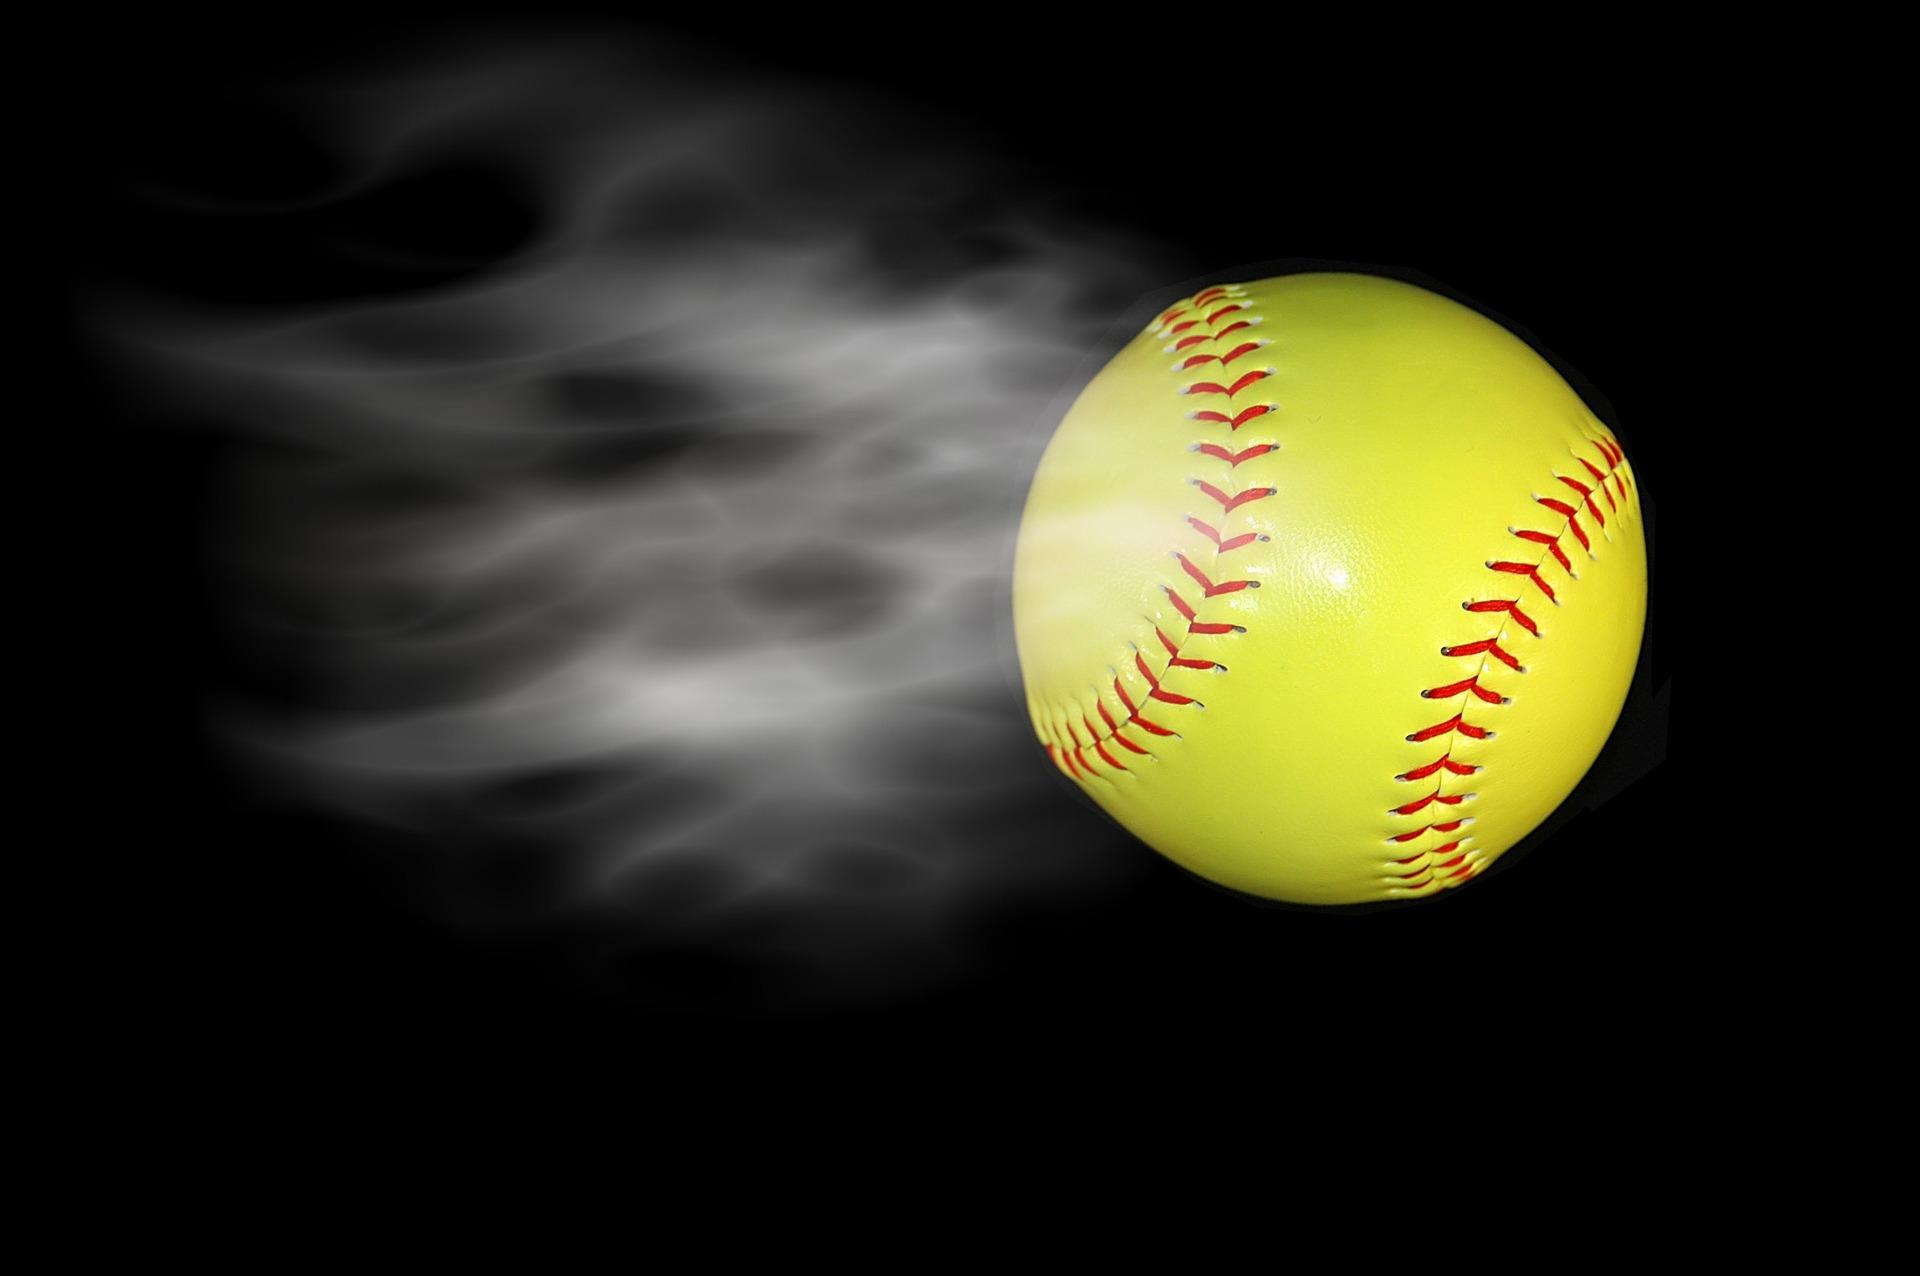 変化球の種類増加中!軌道や特徴まとめ【プロ野球選手の動画有】